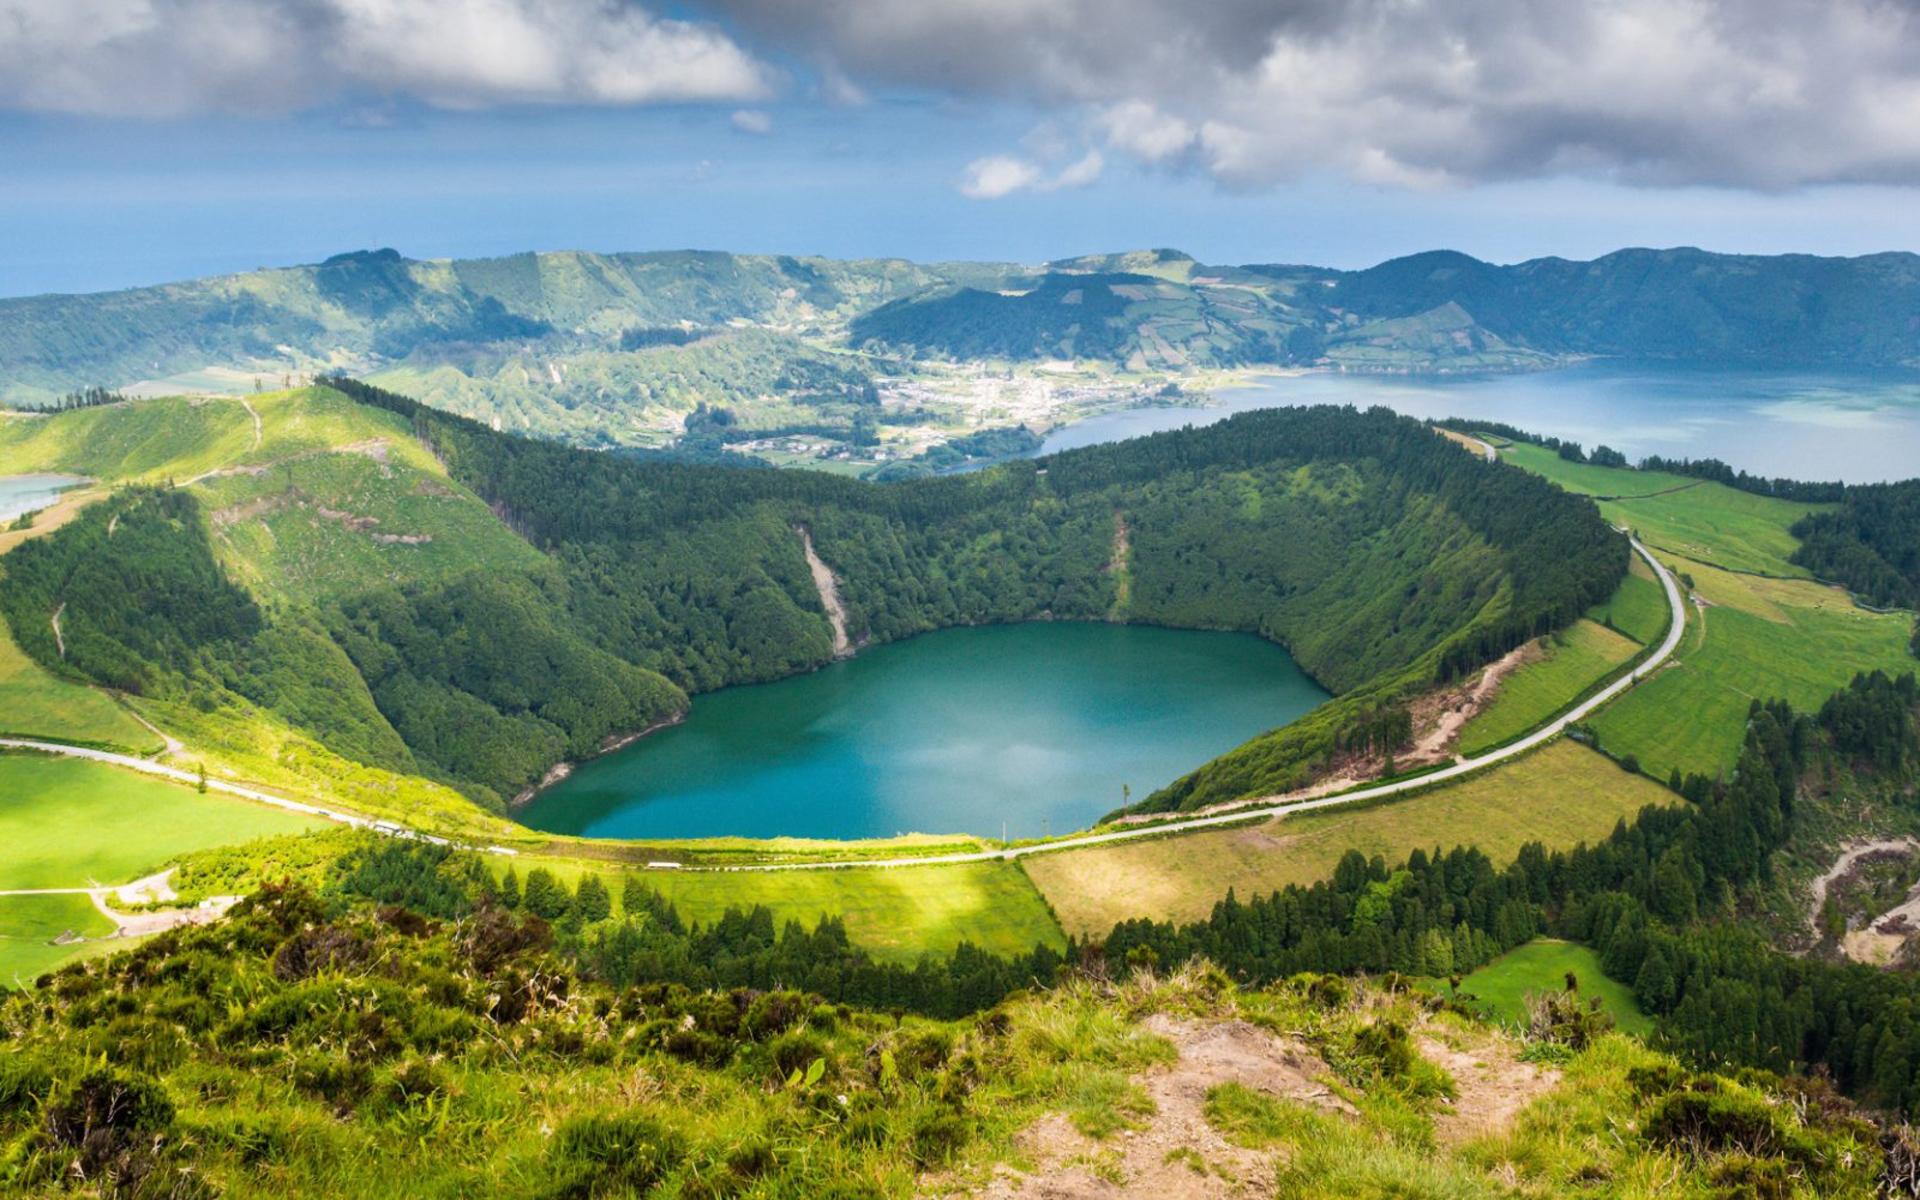 Viaje Especial A Azores En Verano Con Vuelo Directo Desde Oporto